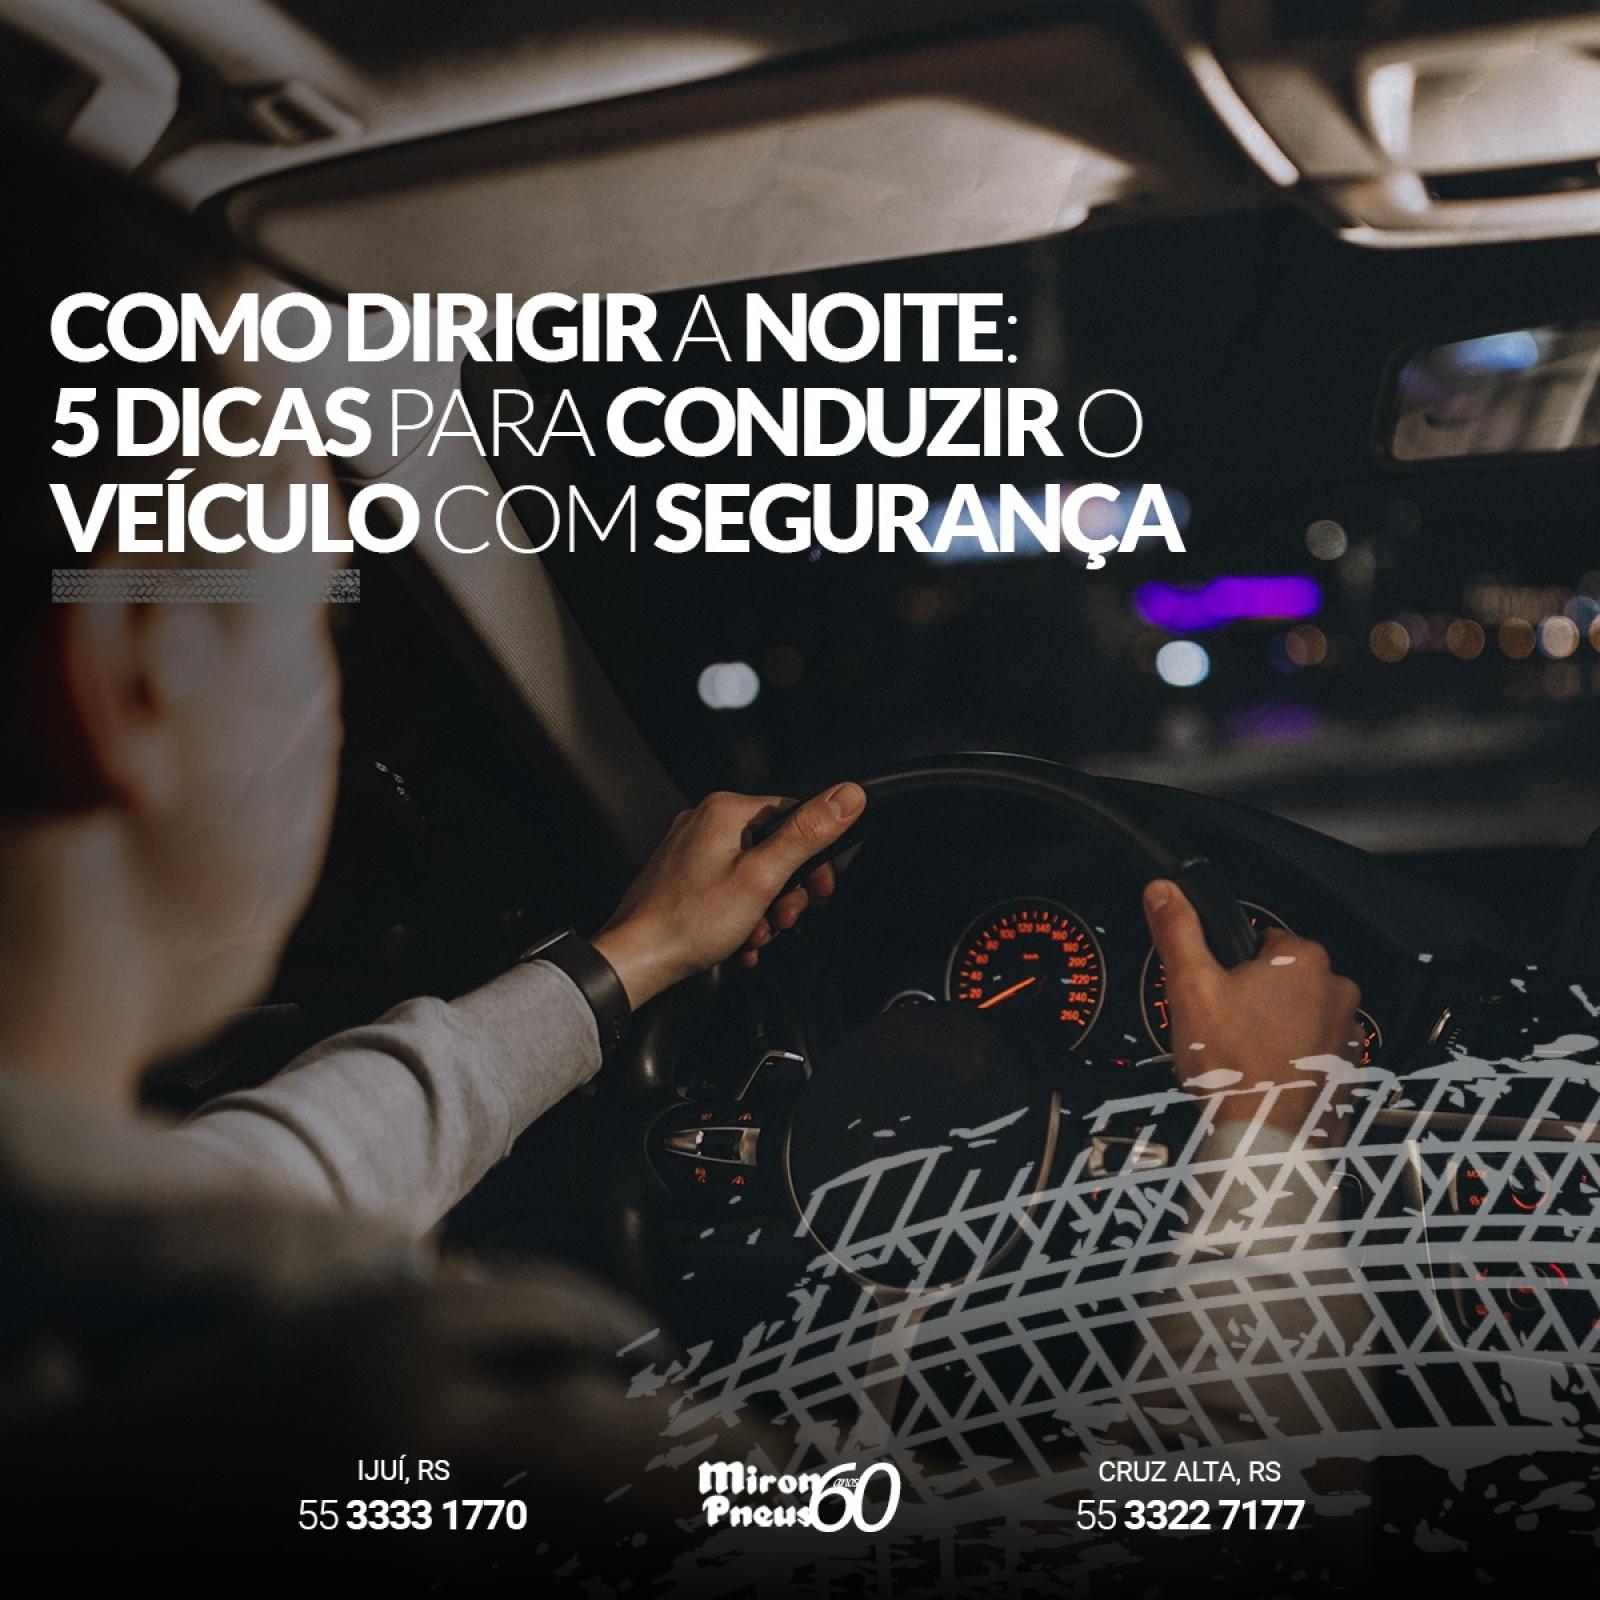 Como dirigir a noite: 5 dicas para conduzir o veículo com segurança